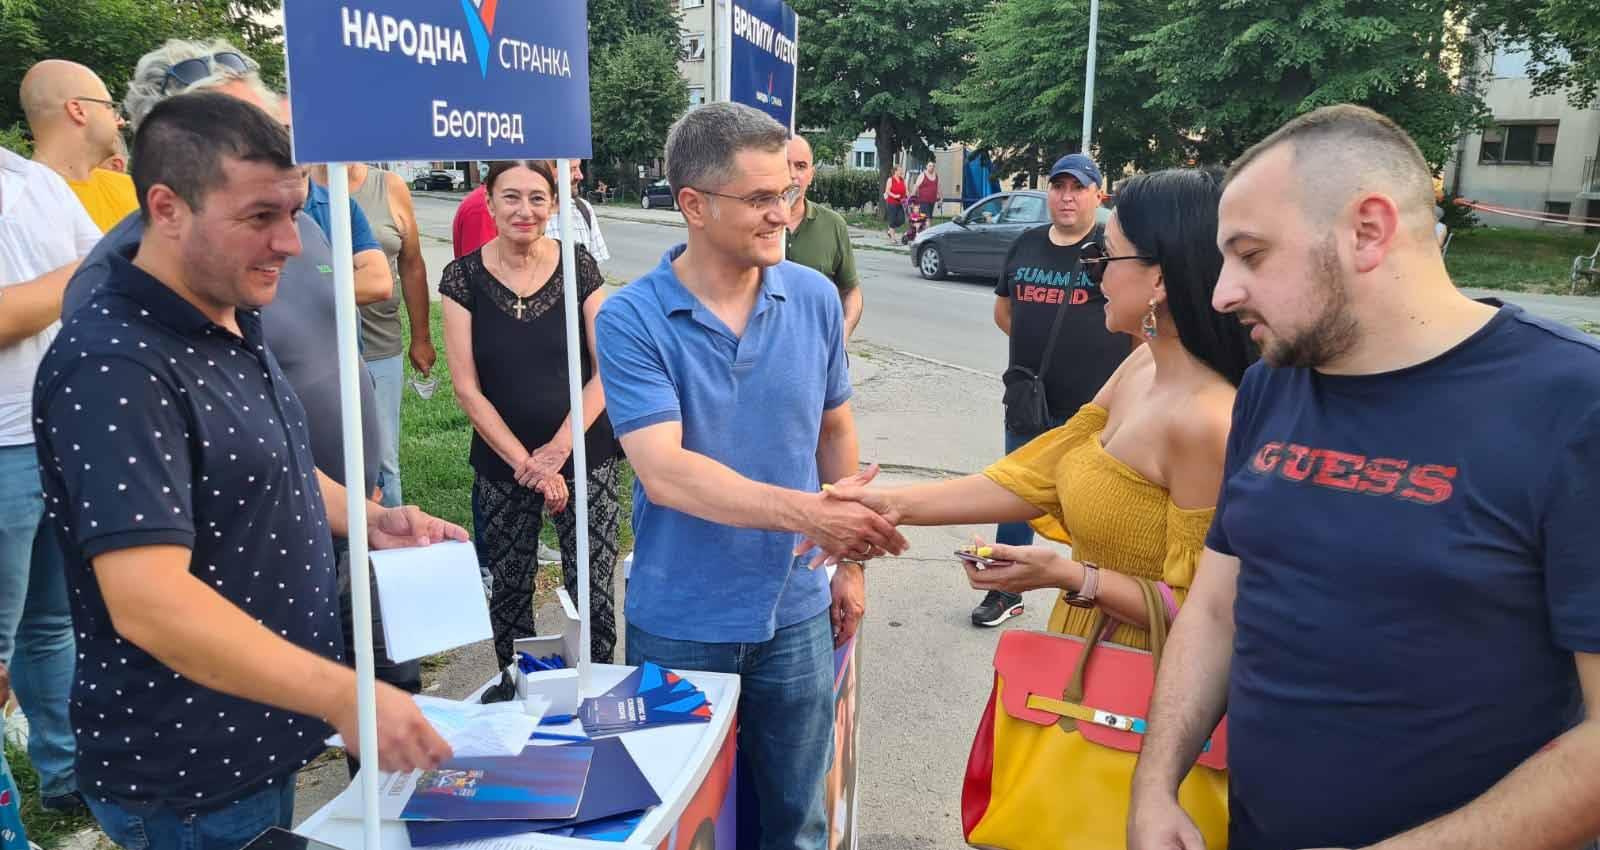 Јеремић: Не дозволити удбашким провокаторима да замуте воду у опозицији